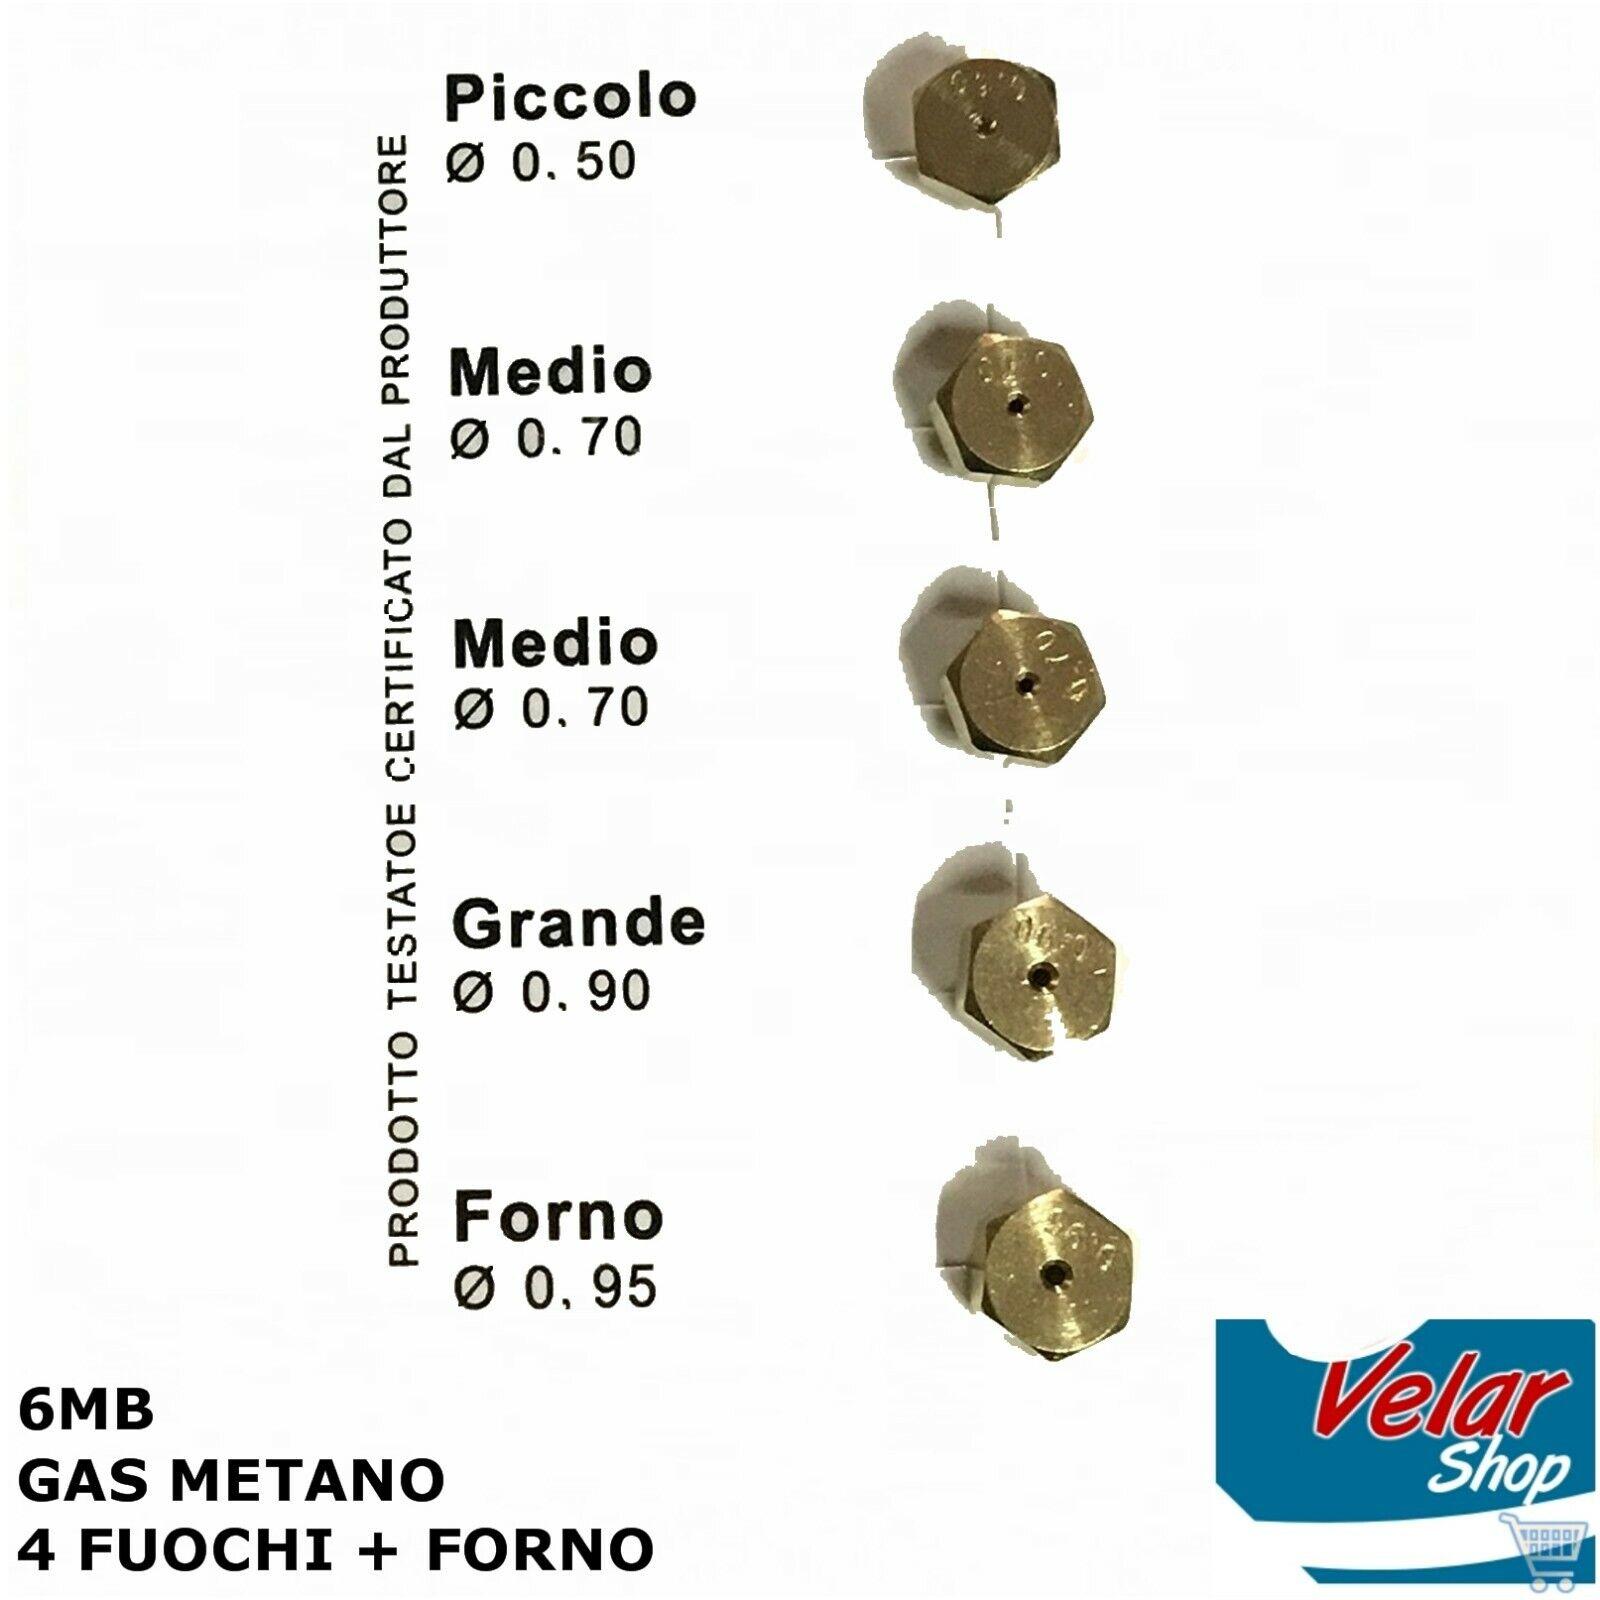 KIT UGELLI INIETTORI A GAS METANO PER CUCINE A GAS PIANI COTTURA 6 MB